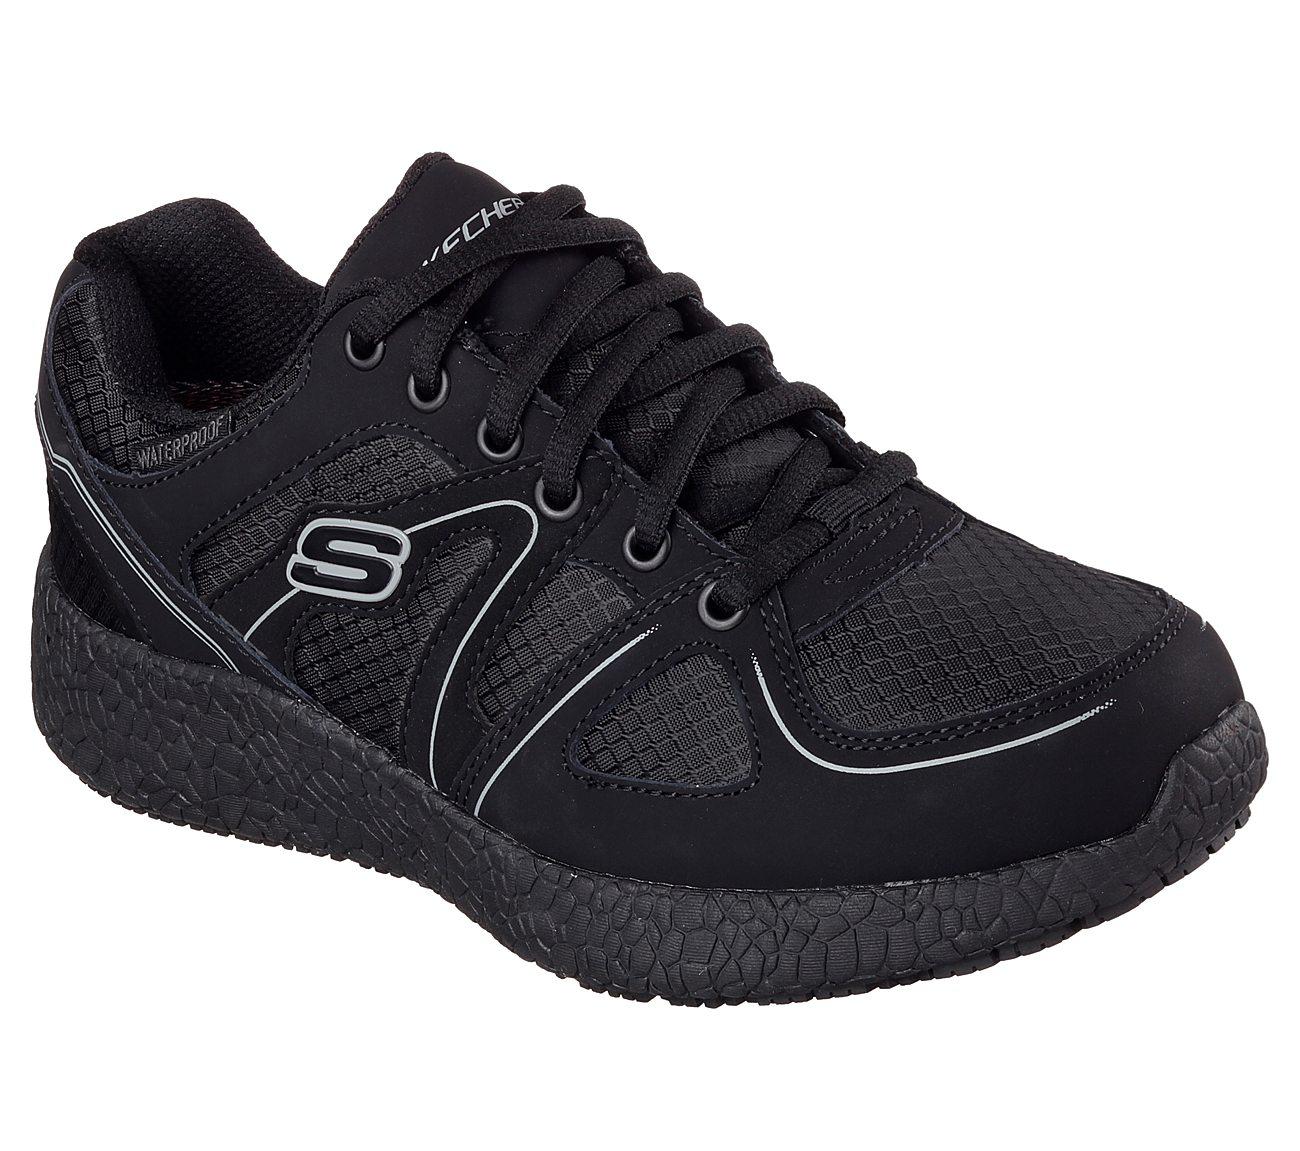 2017 Design Skechers Burst Gwinner Wide Memory Foam Waterproof Sneaker Black